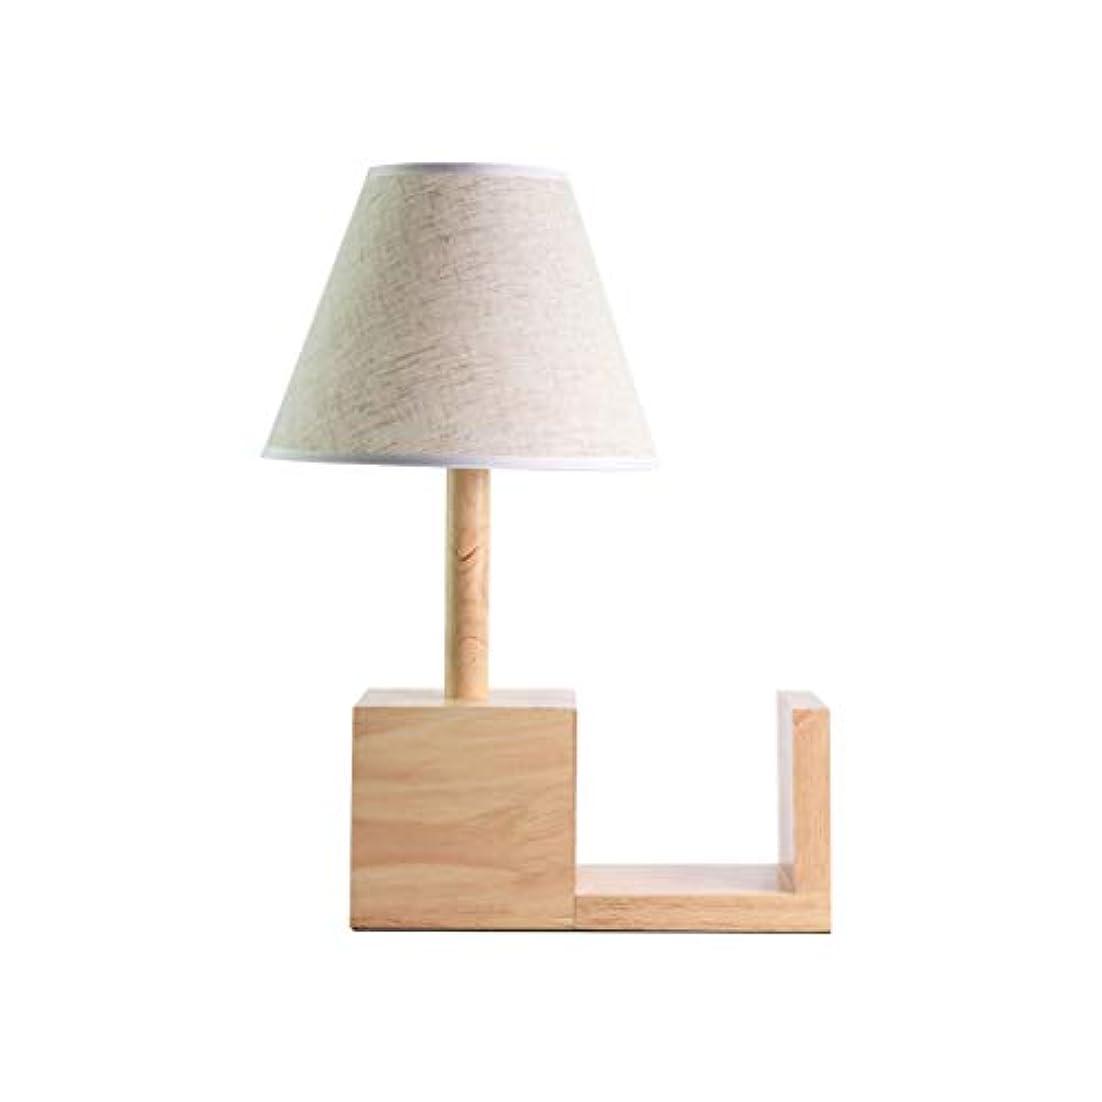 説得車両母性明るい 純木の電気スタンドテーブルランプの寝室のベッドサイドランプシンプルなクリエイティブロマンチックな電気スタンド 照明システム (Color : White)